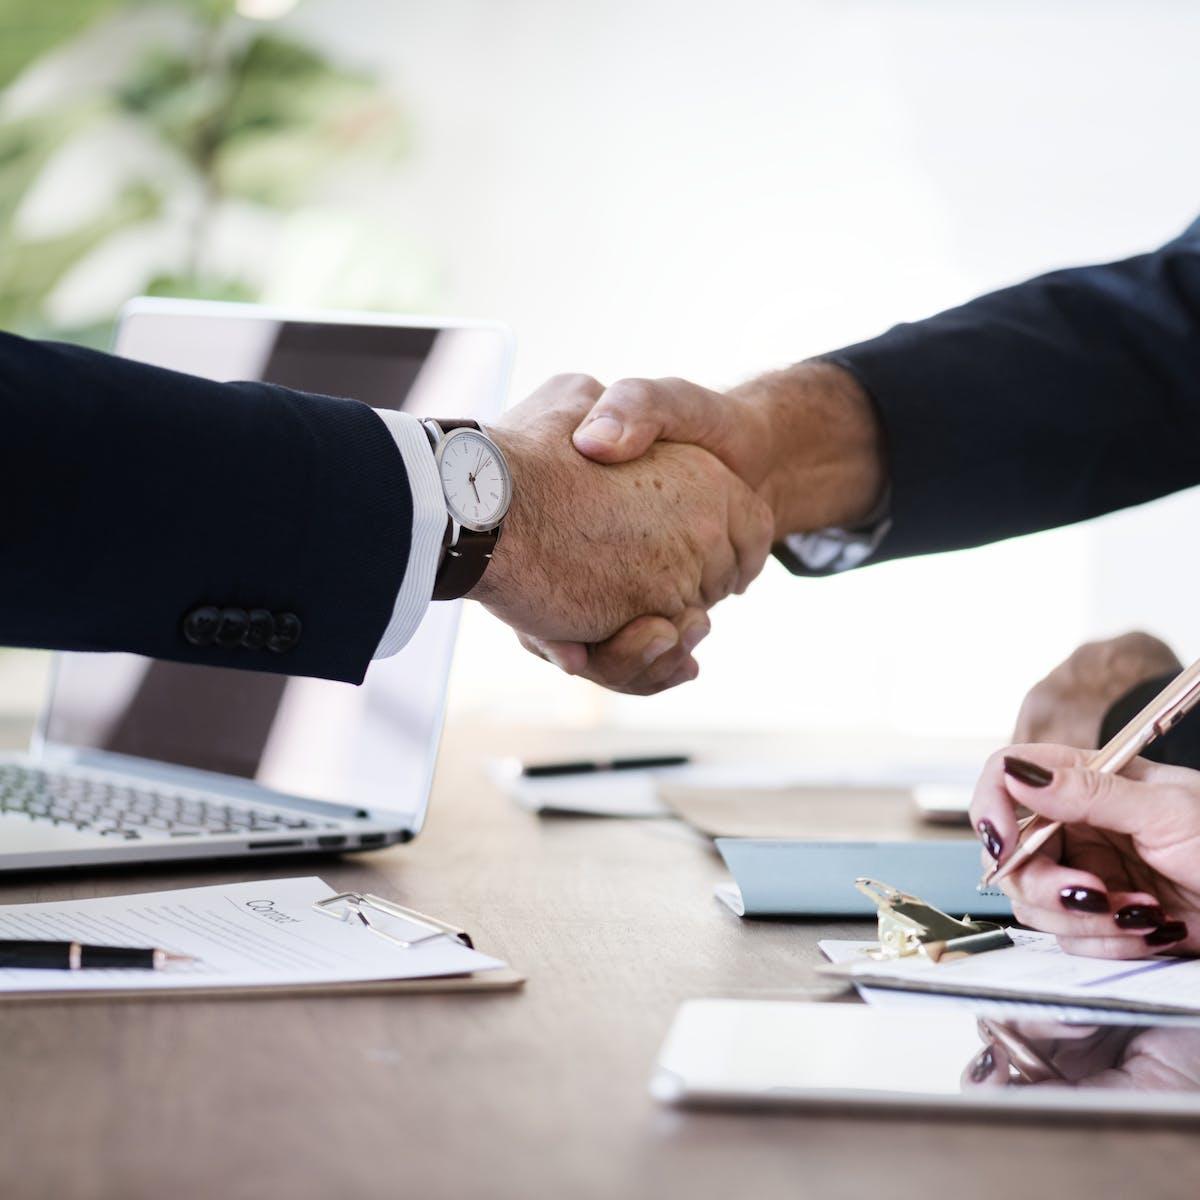 Titelbild-Allianz-SAP-Microsoft-Handschlag-Vereinbarung-Business-Vertrag-pixabay-3167295-rawpixel